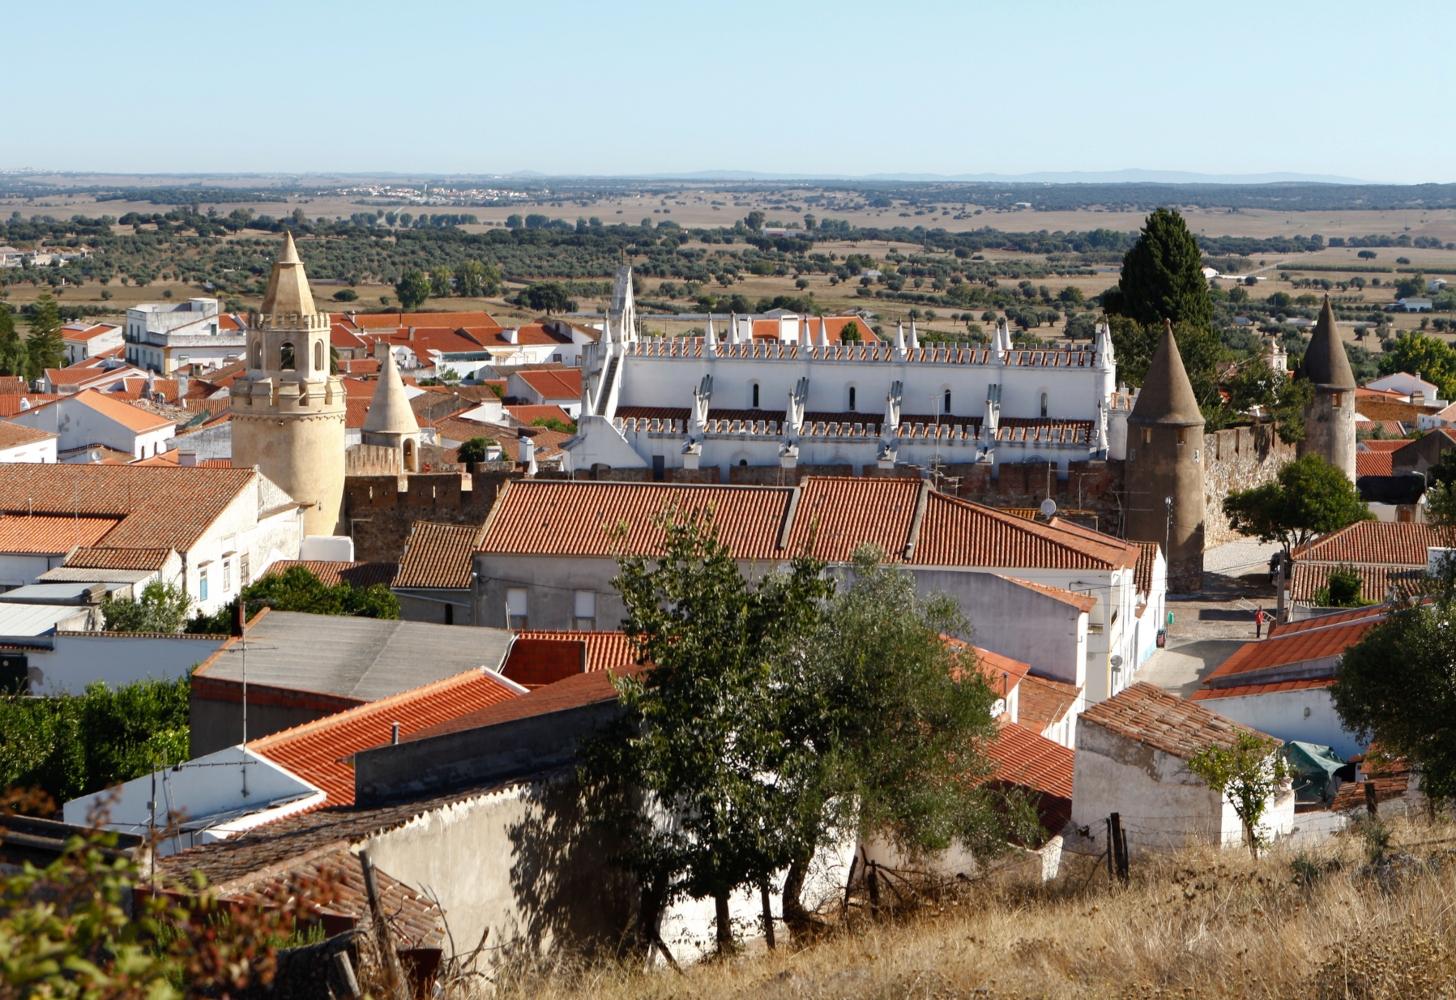 Vista geral de Viana do Alentejo